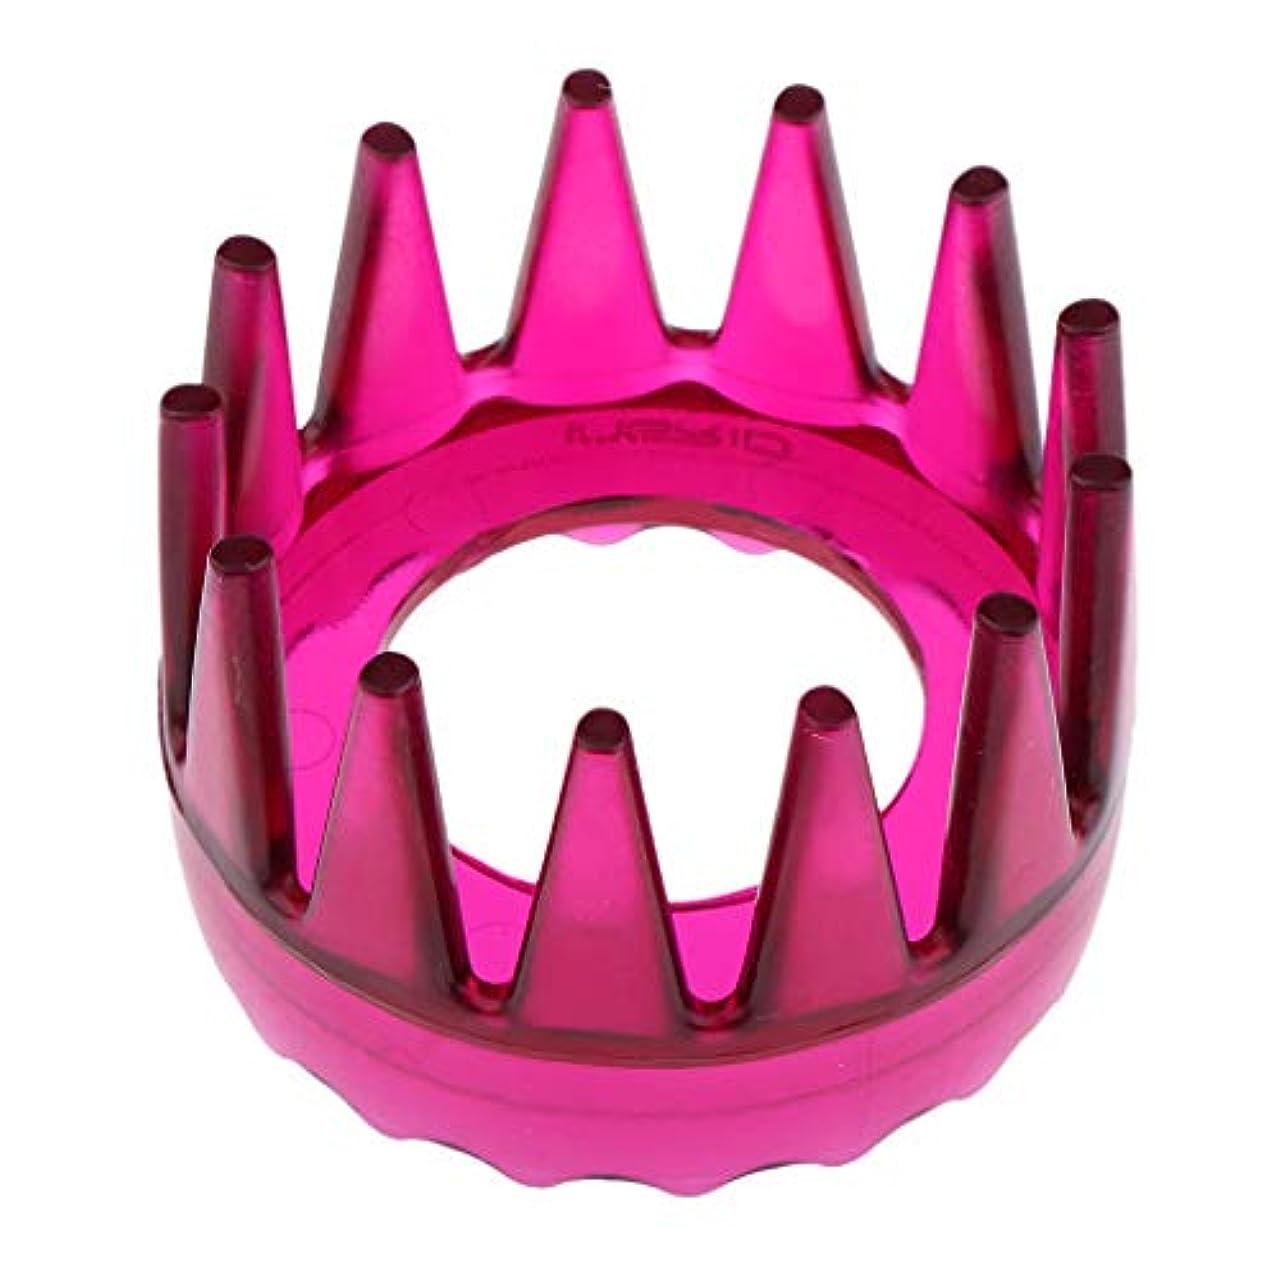 合体フレキシブル知的Perfeclan 全4色 シャンプーブラシ 洗髪櫛 マッサージャー ヘアコーム ヘアブラシ 直径約6cm プラスチック製 - ローズレッド